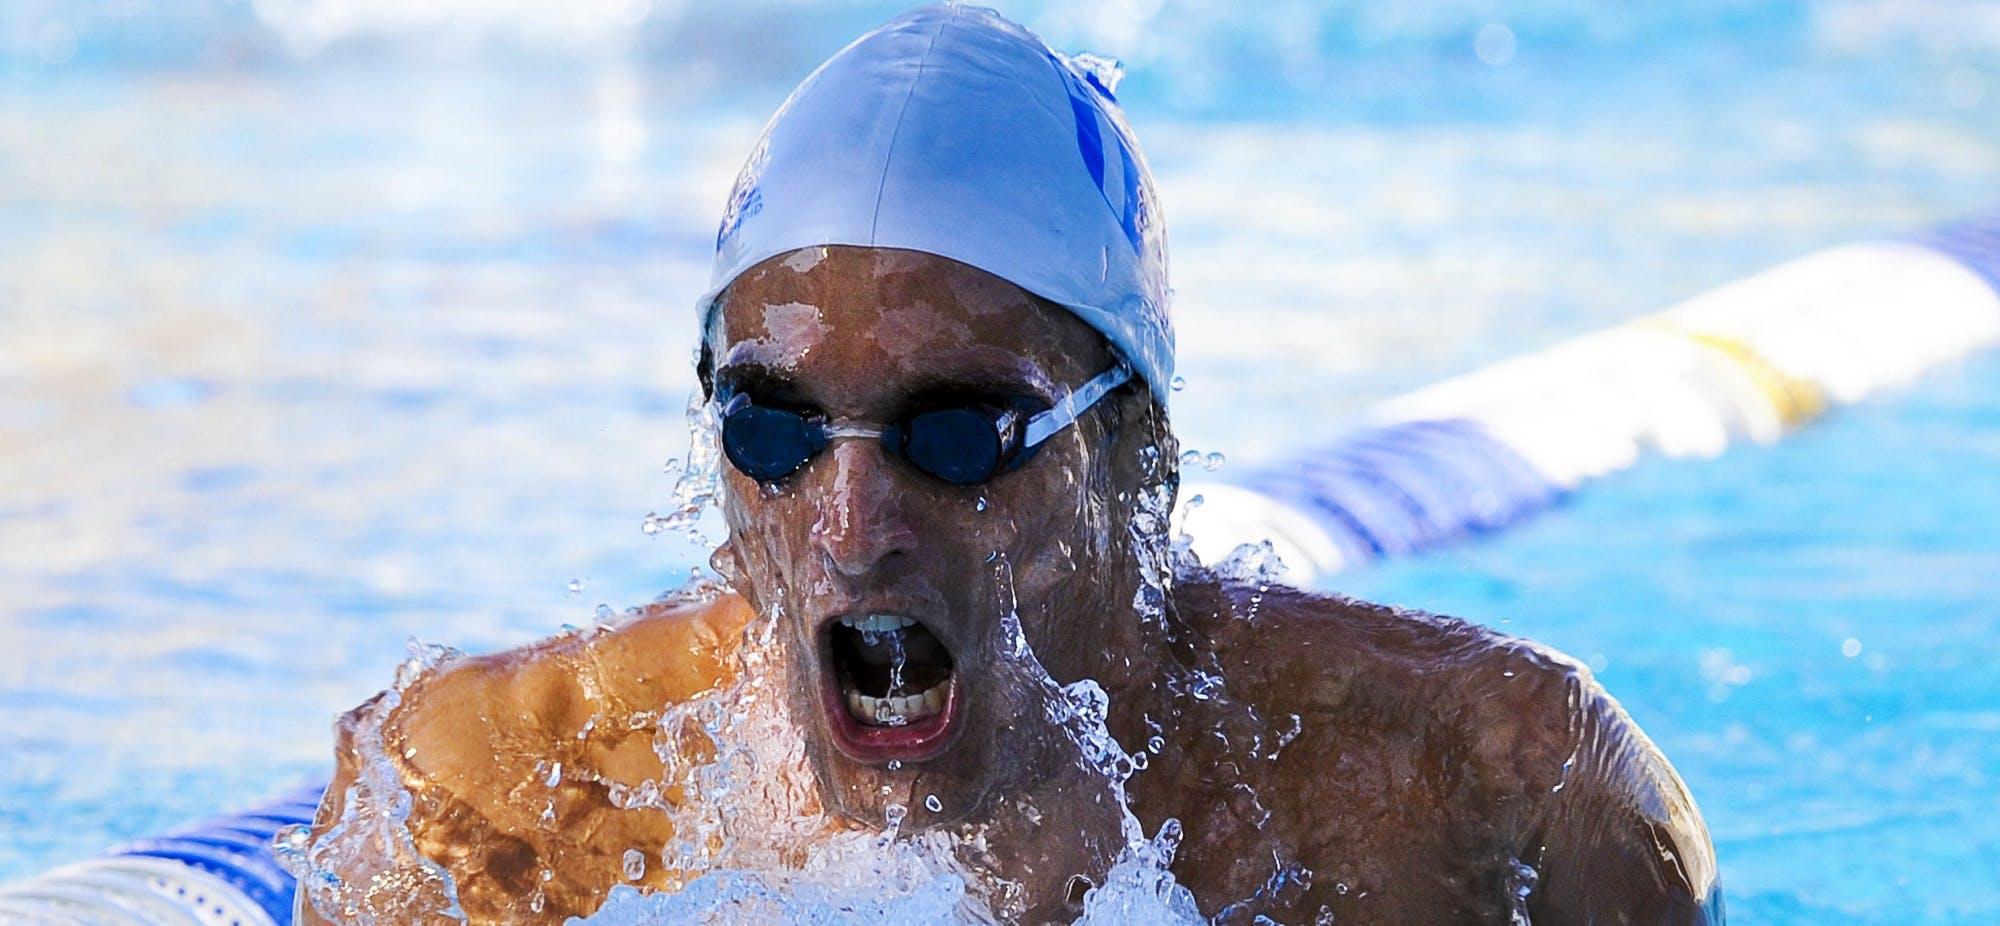 Γ. Δρυμωνάκος: Τρία βασικά στάδια για να κολυμπήσουμε πιο σωστά και πιο γρήγορα